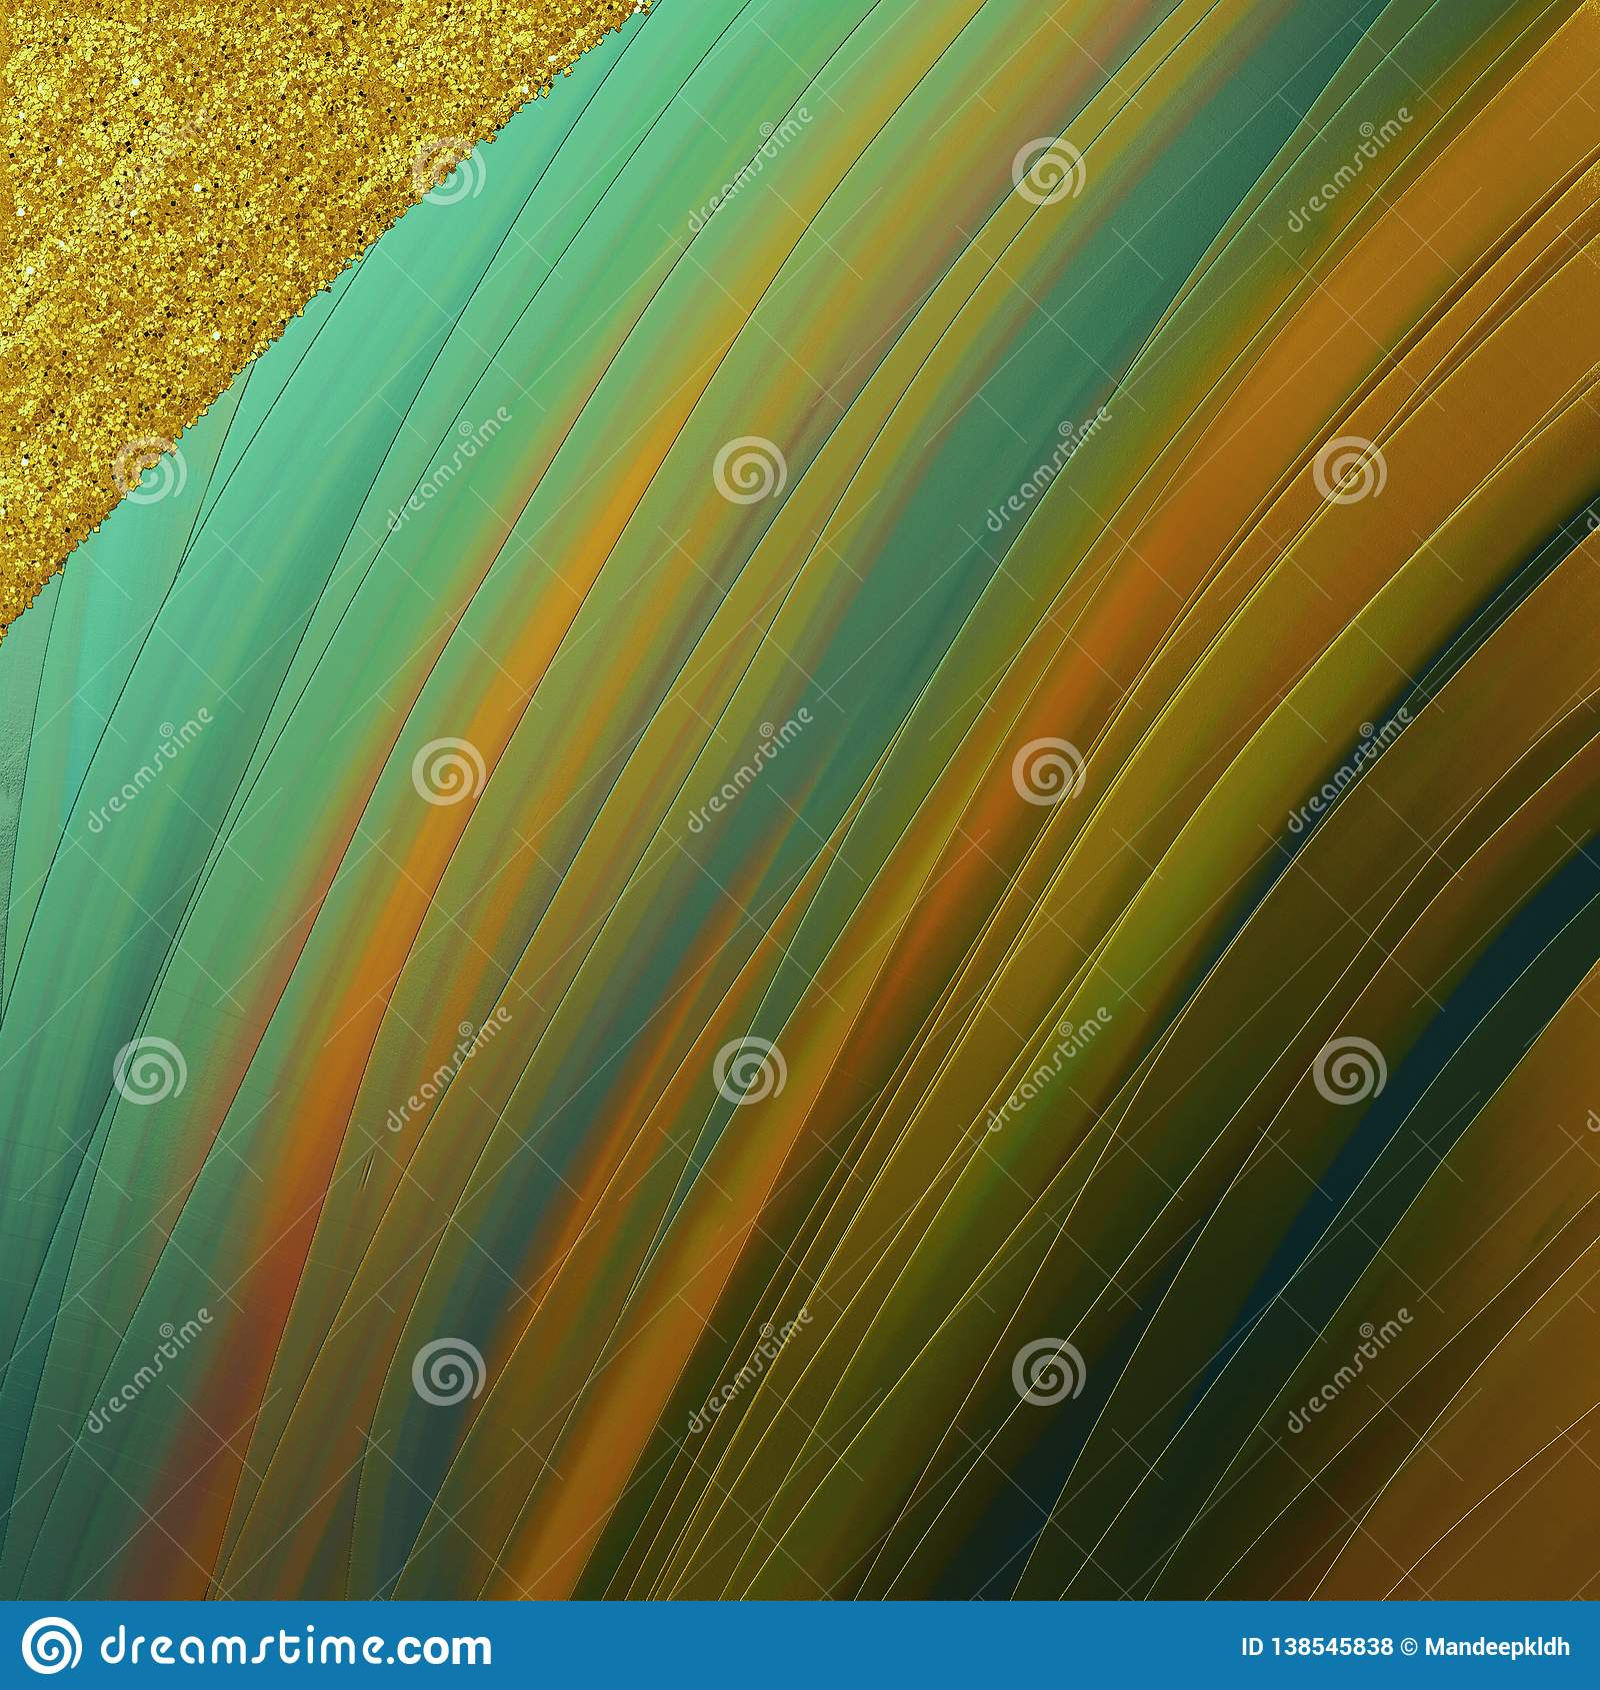 Magische helle Tapete Goldene abgetönte Anschläge mit Funkelnflecken Gut für Handwerk, Geschenk, Dekor, wickelnd, Themen ein